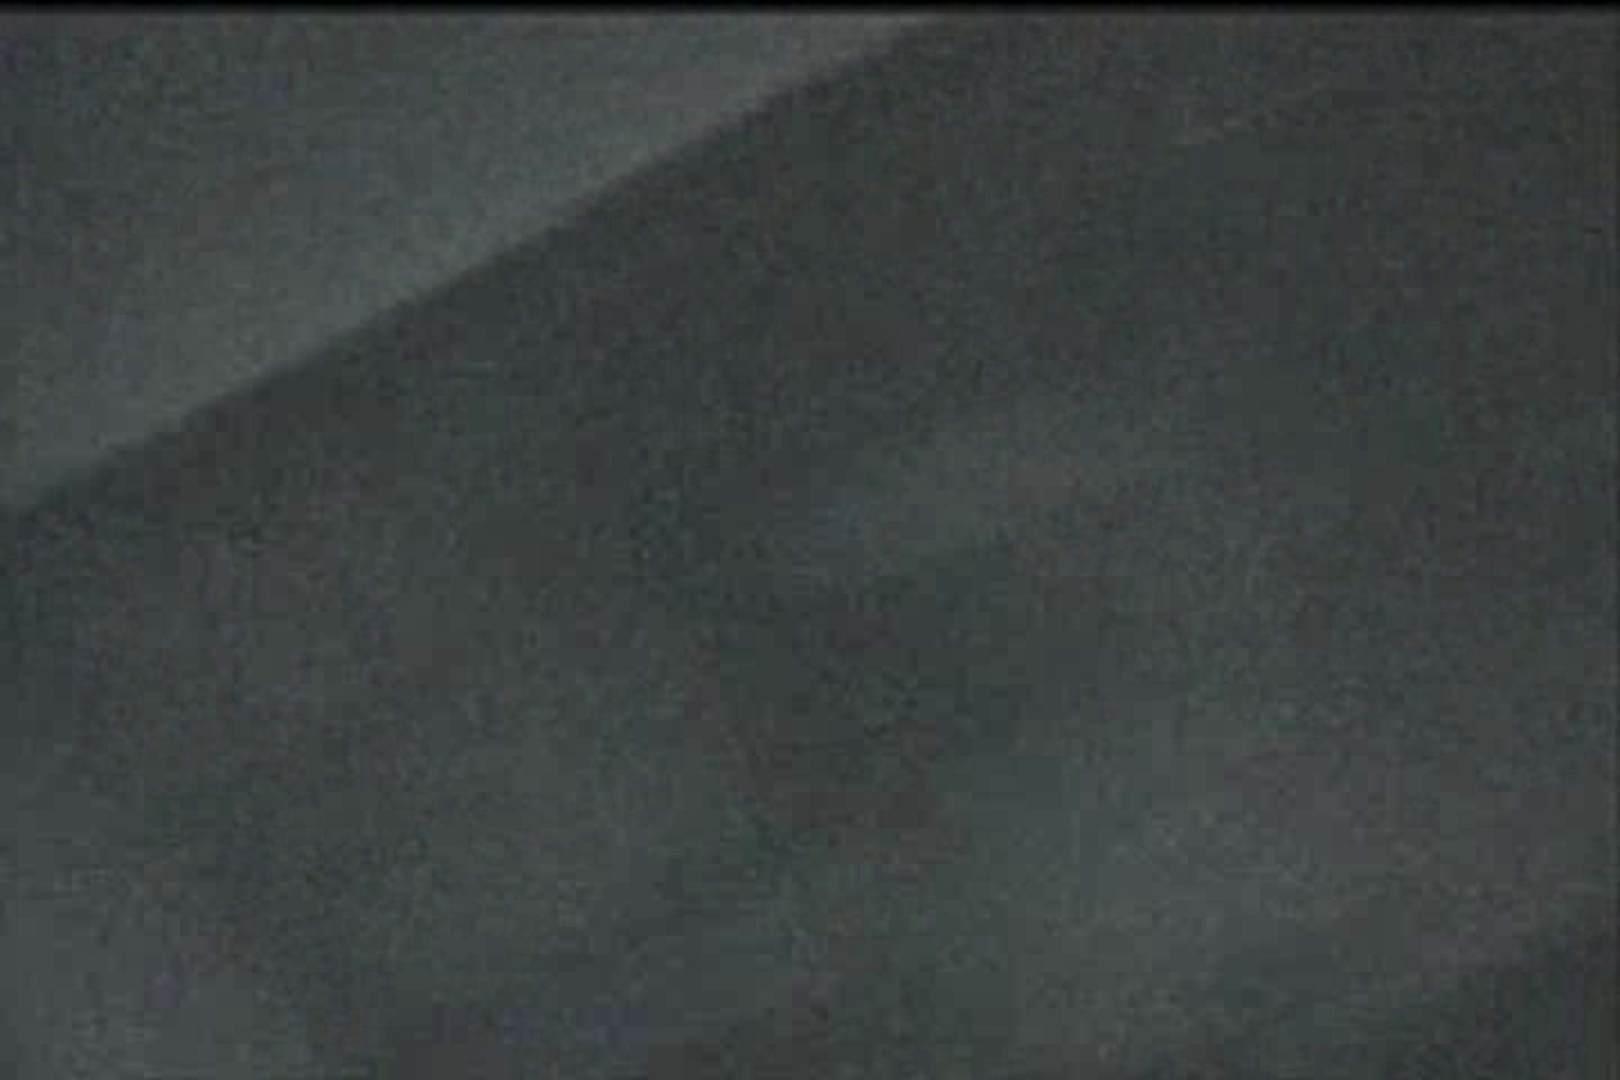 蔵出し!!赤外線カーセックスVol.28 カーセックス 戯れ無修正画像 101pic 94